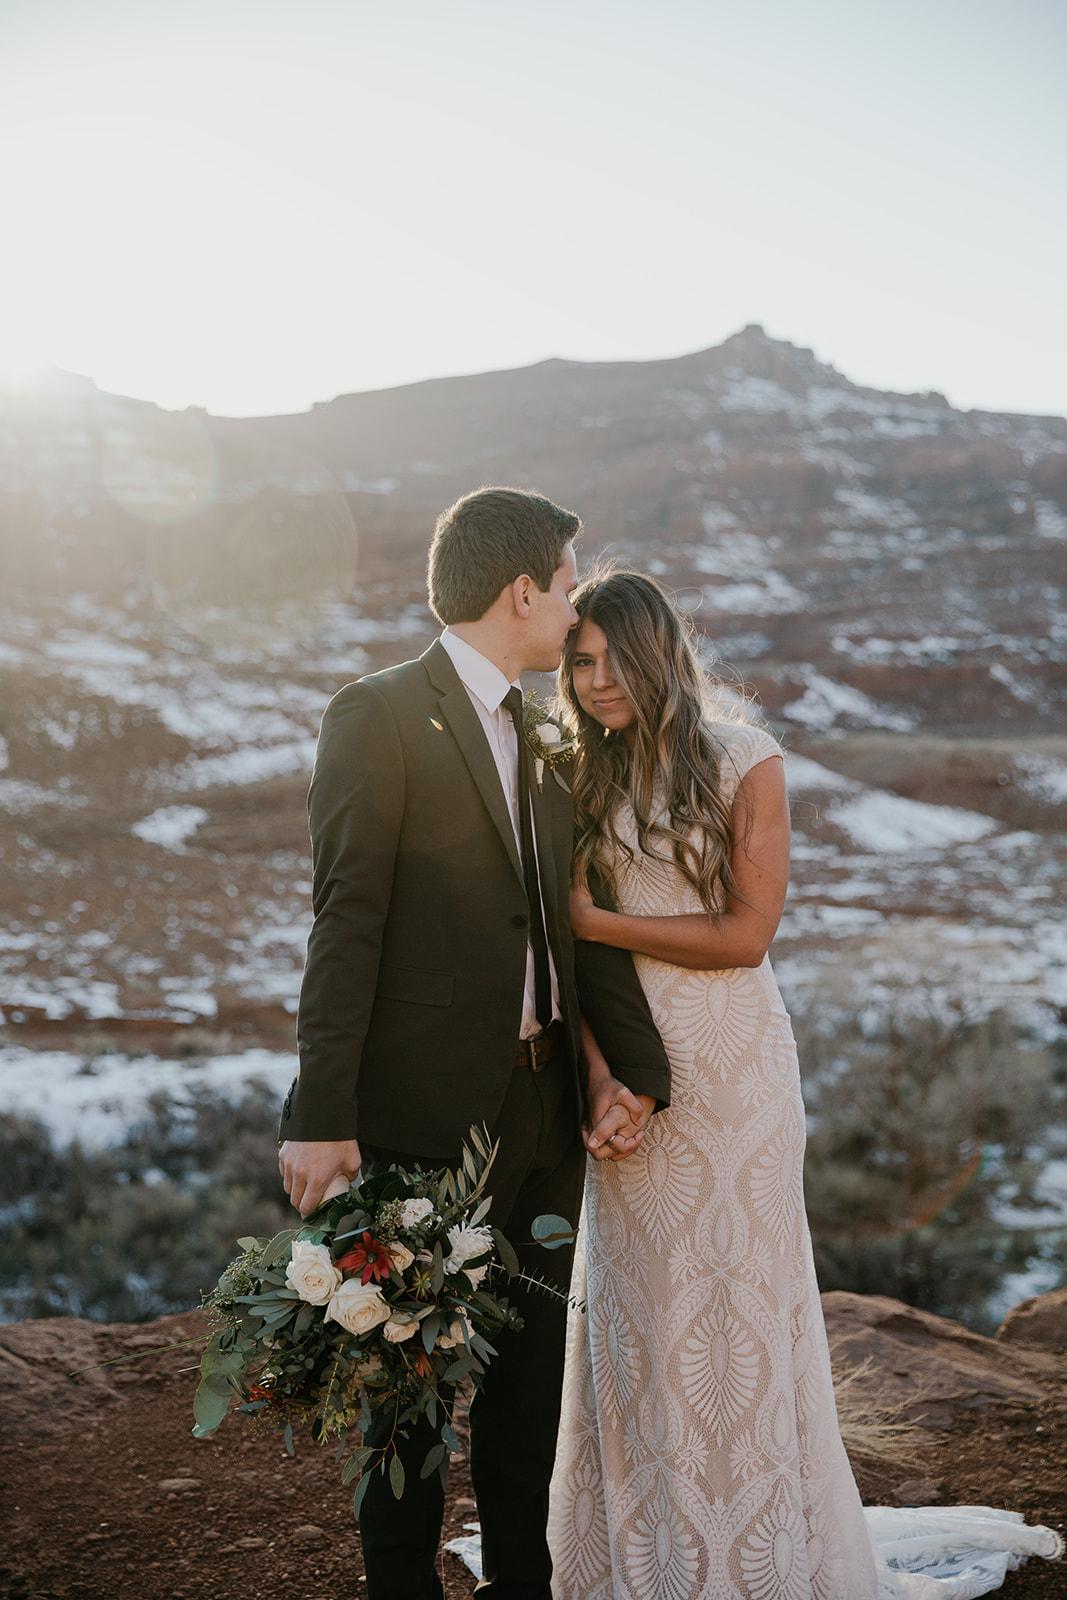 jamie+weston bridals-118.jpg